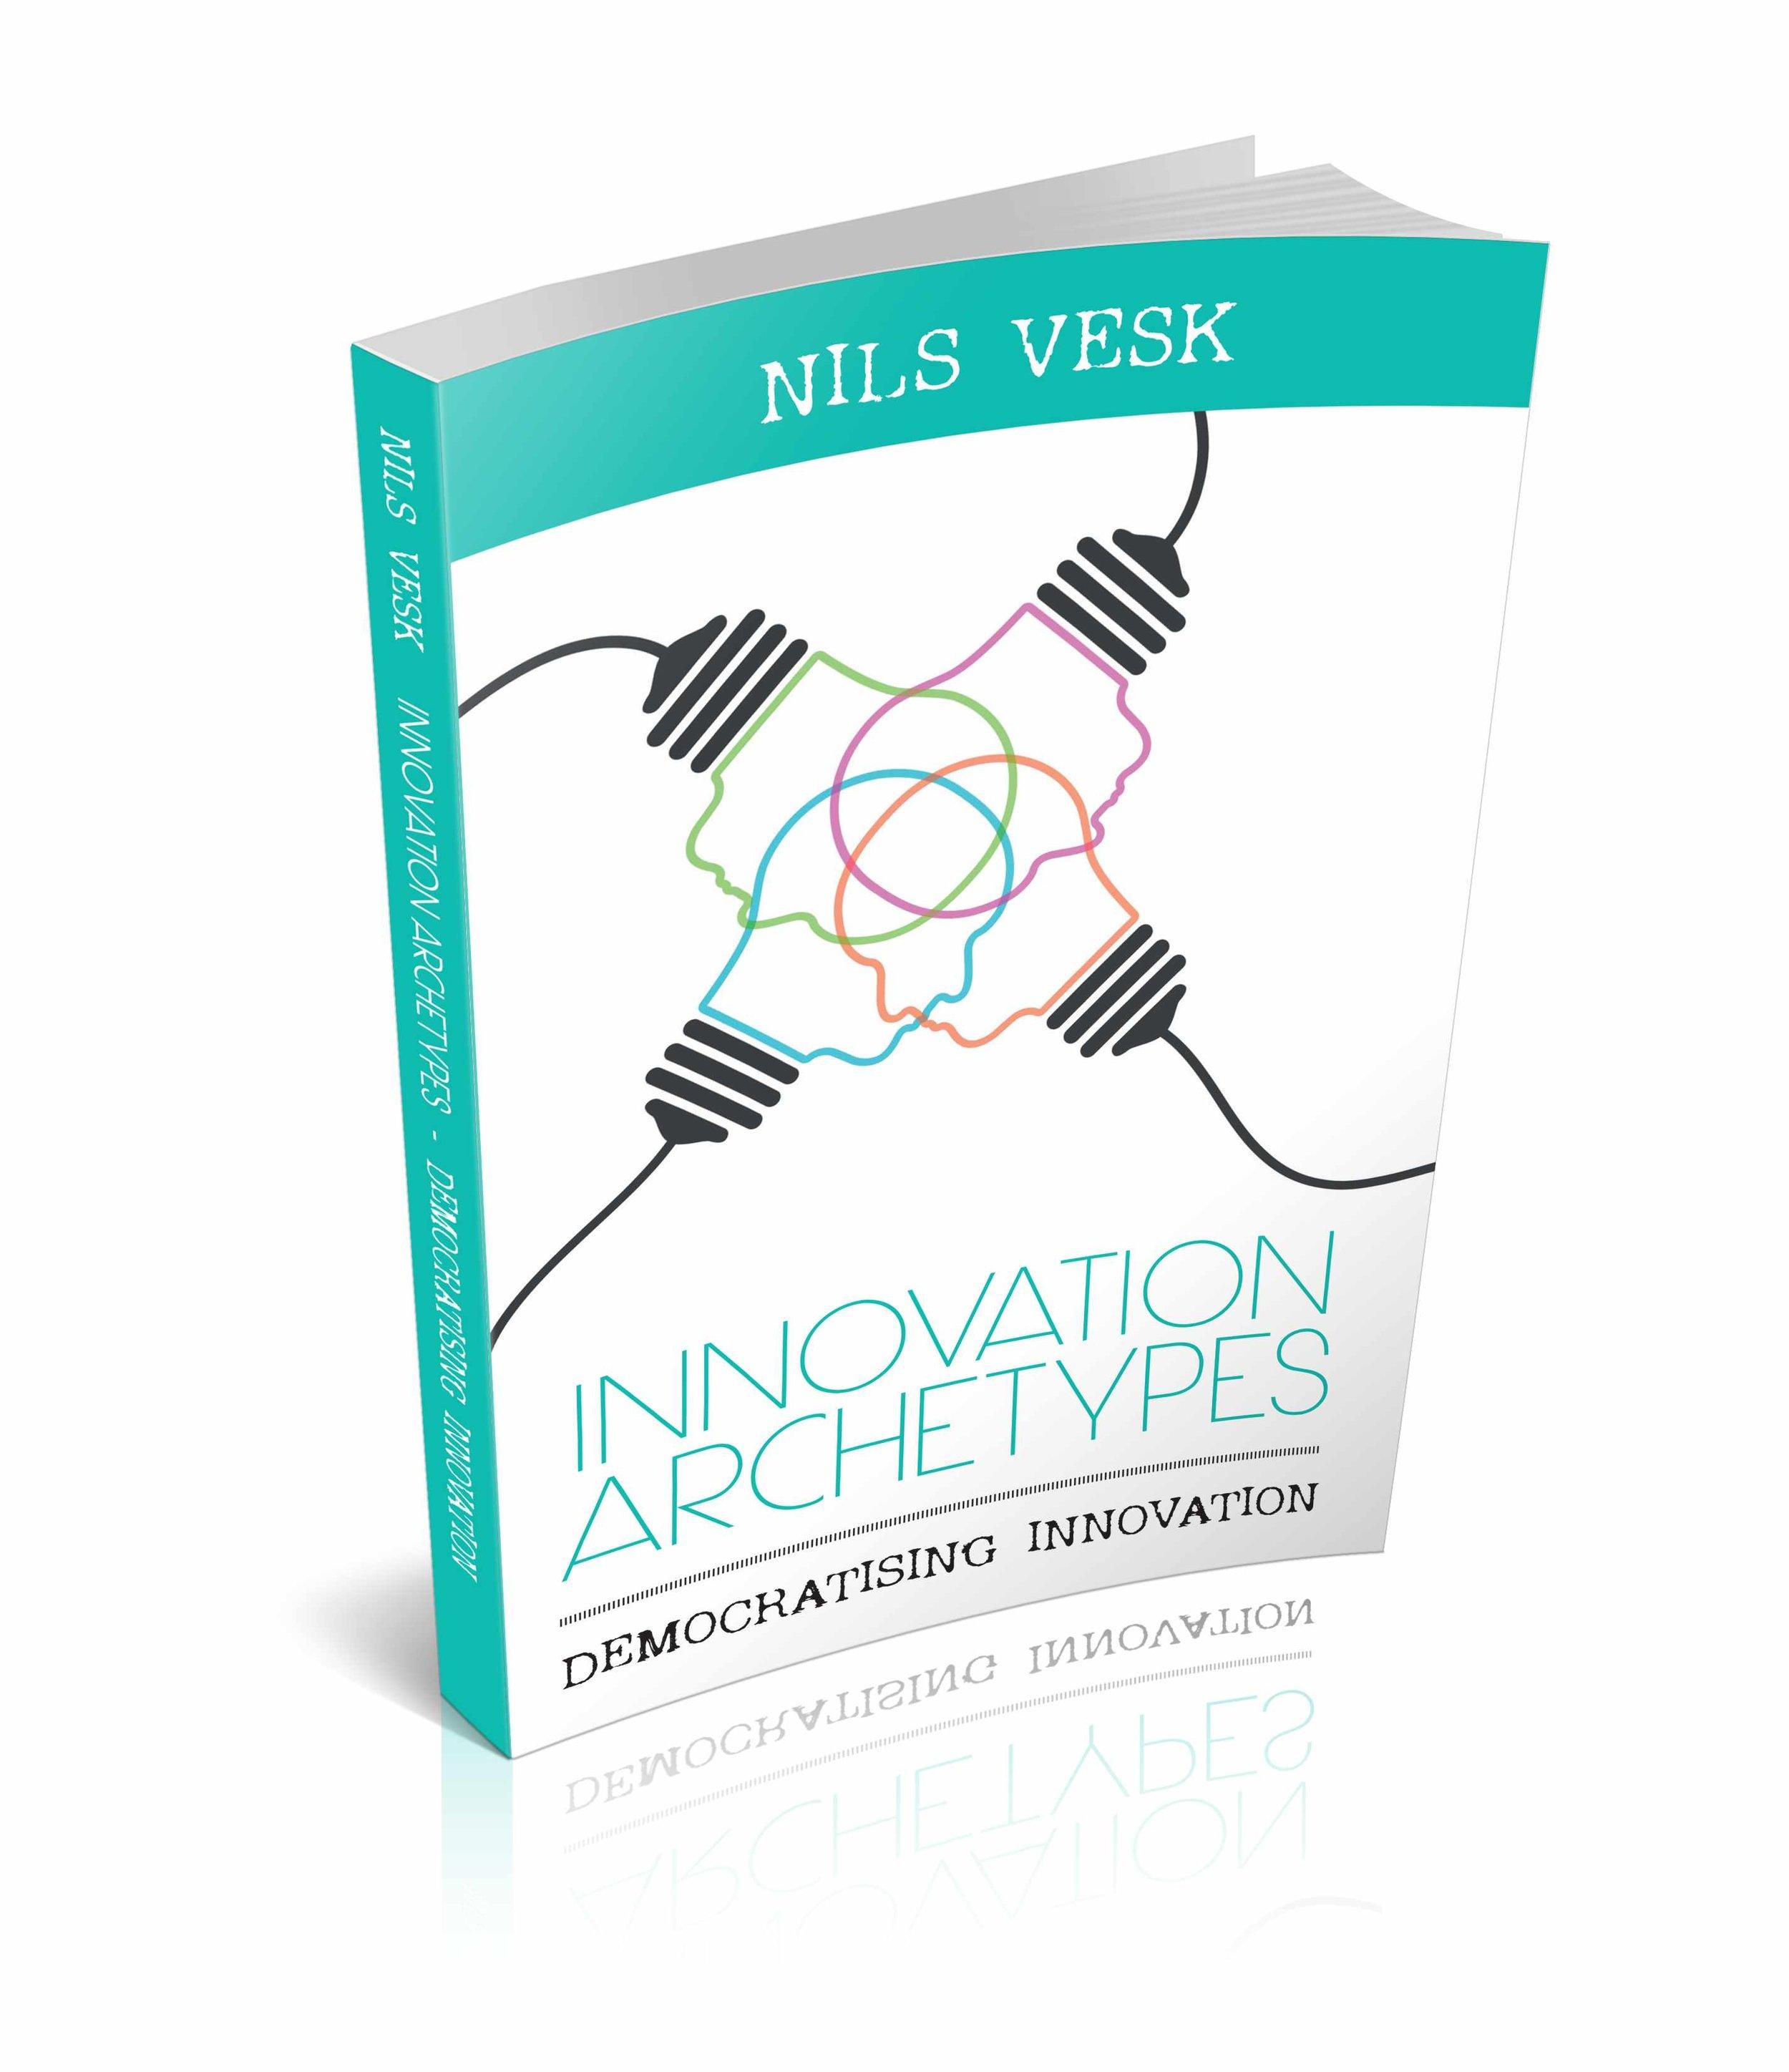 innovation archetypes by Nils Vesk